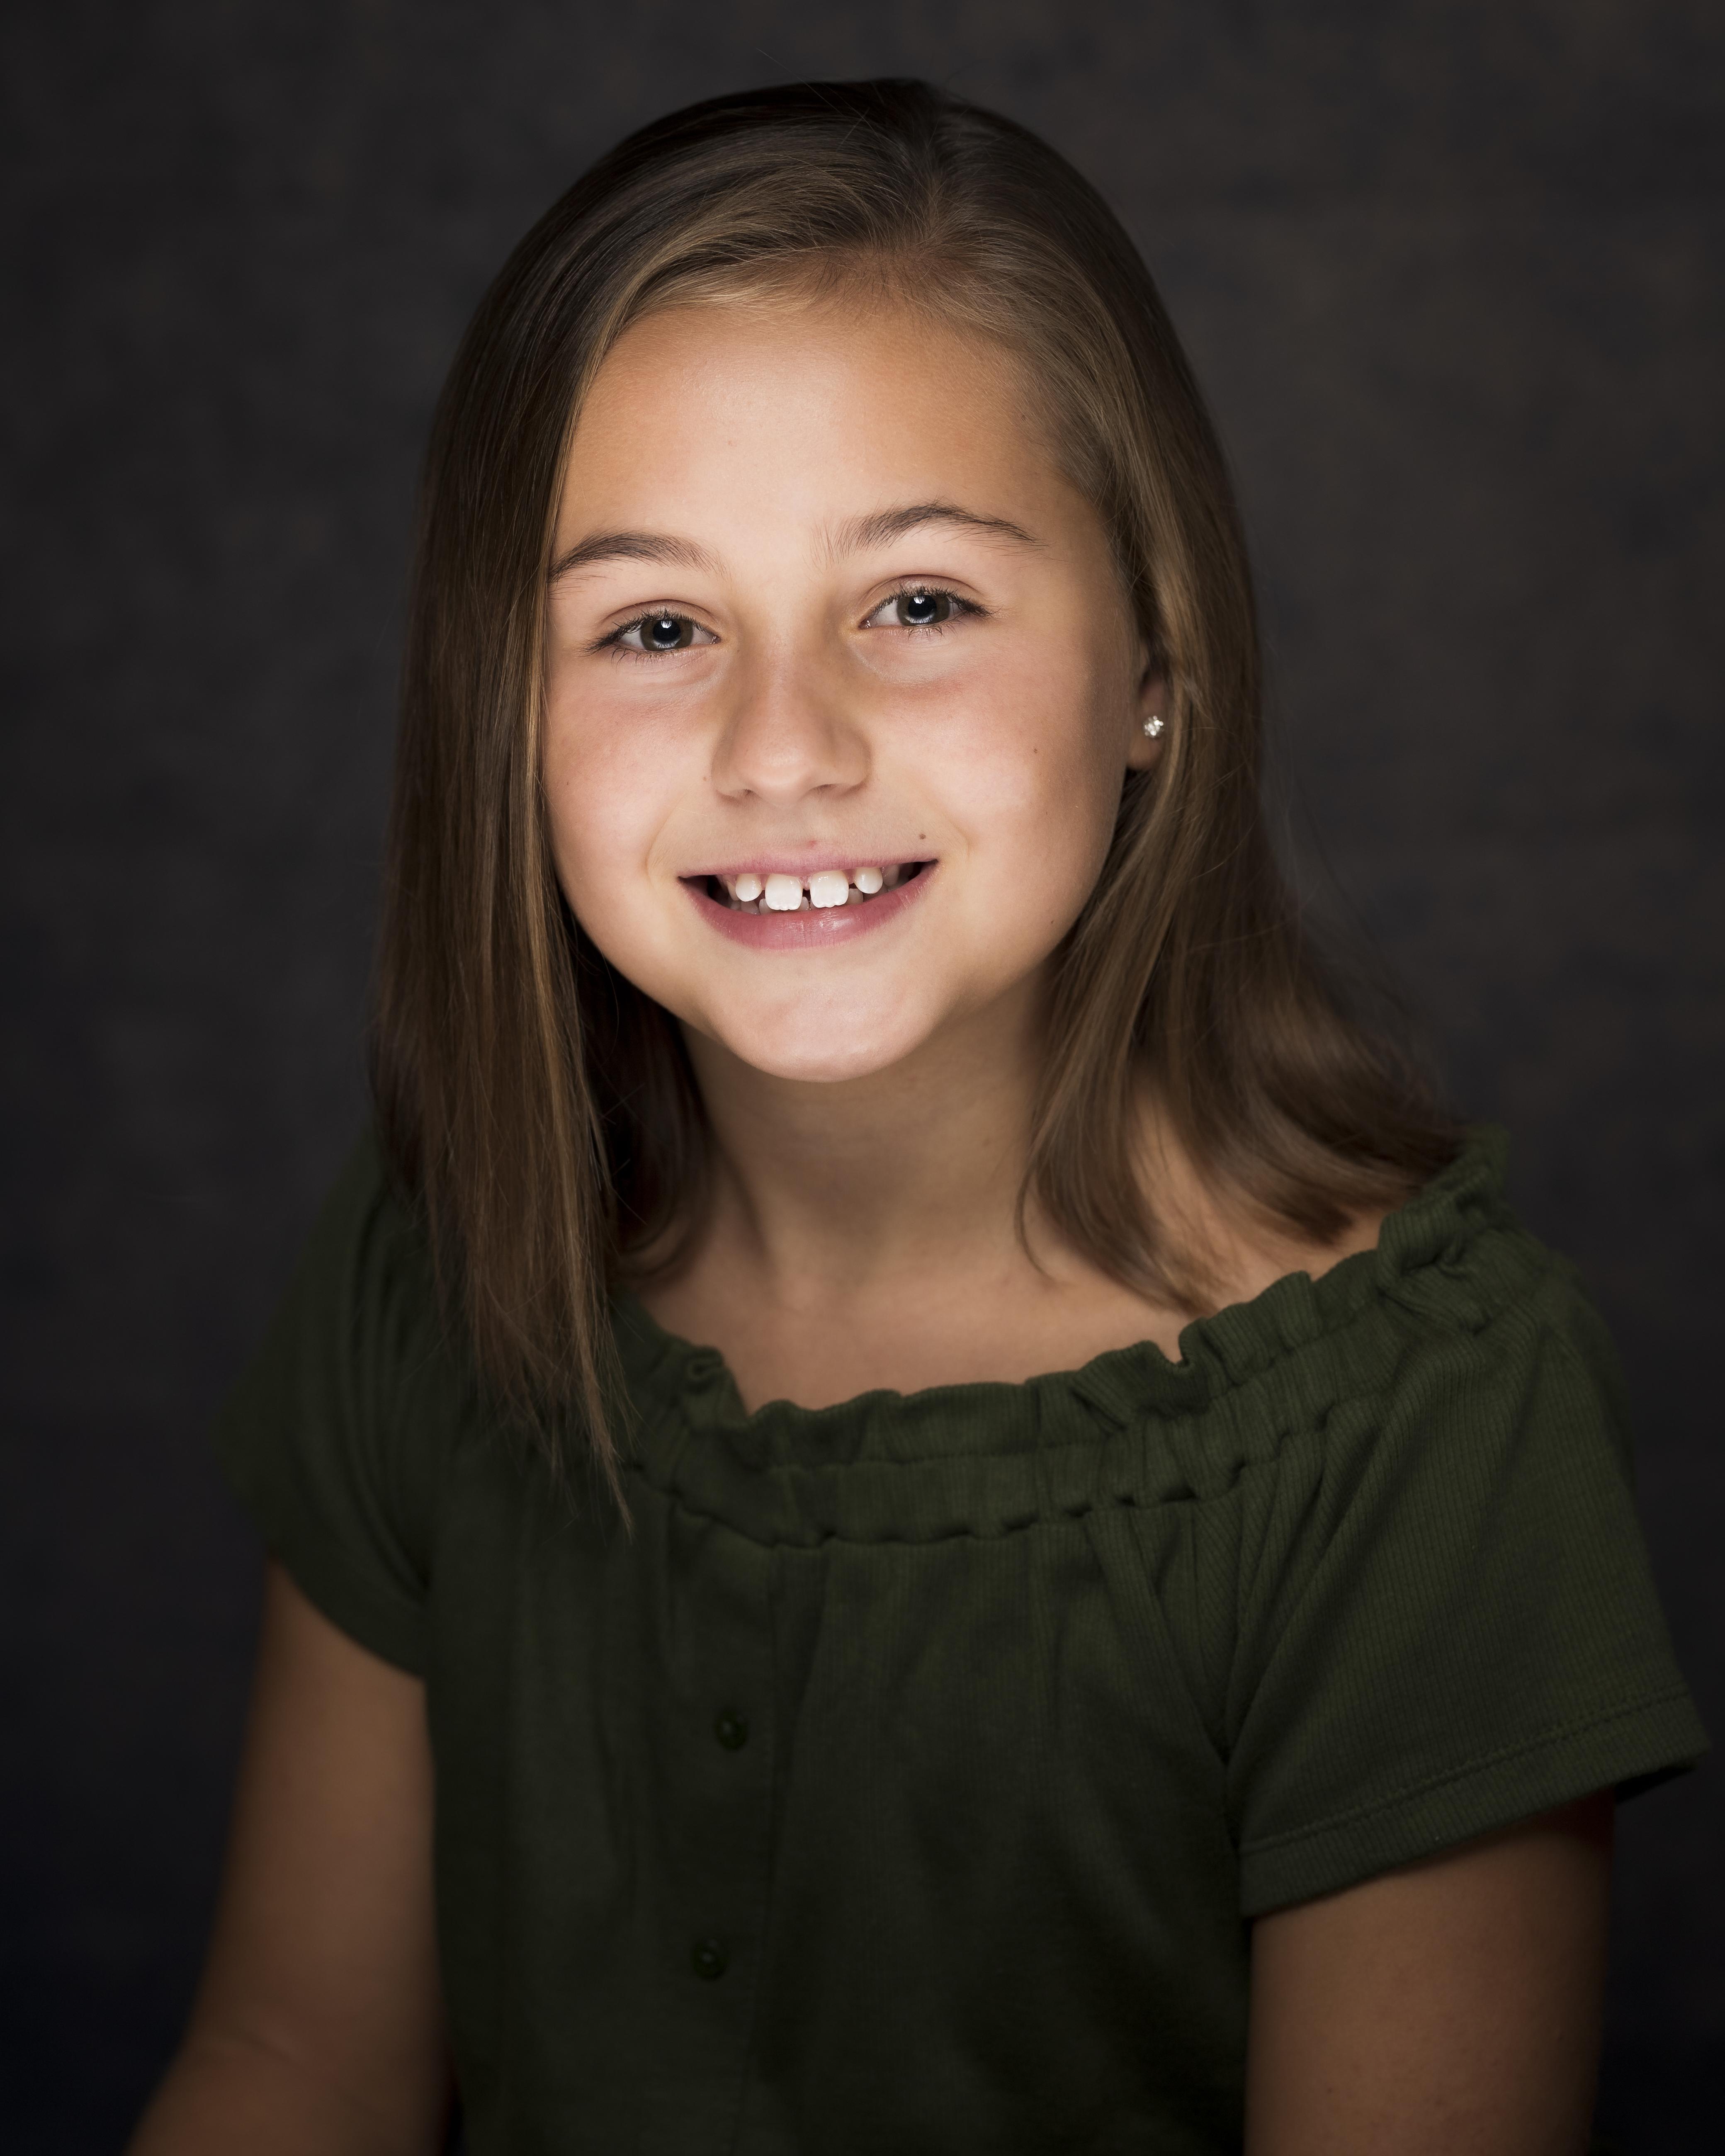 Rosie (Actor)